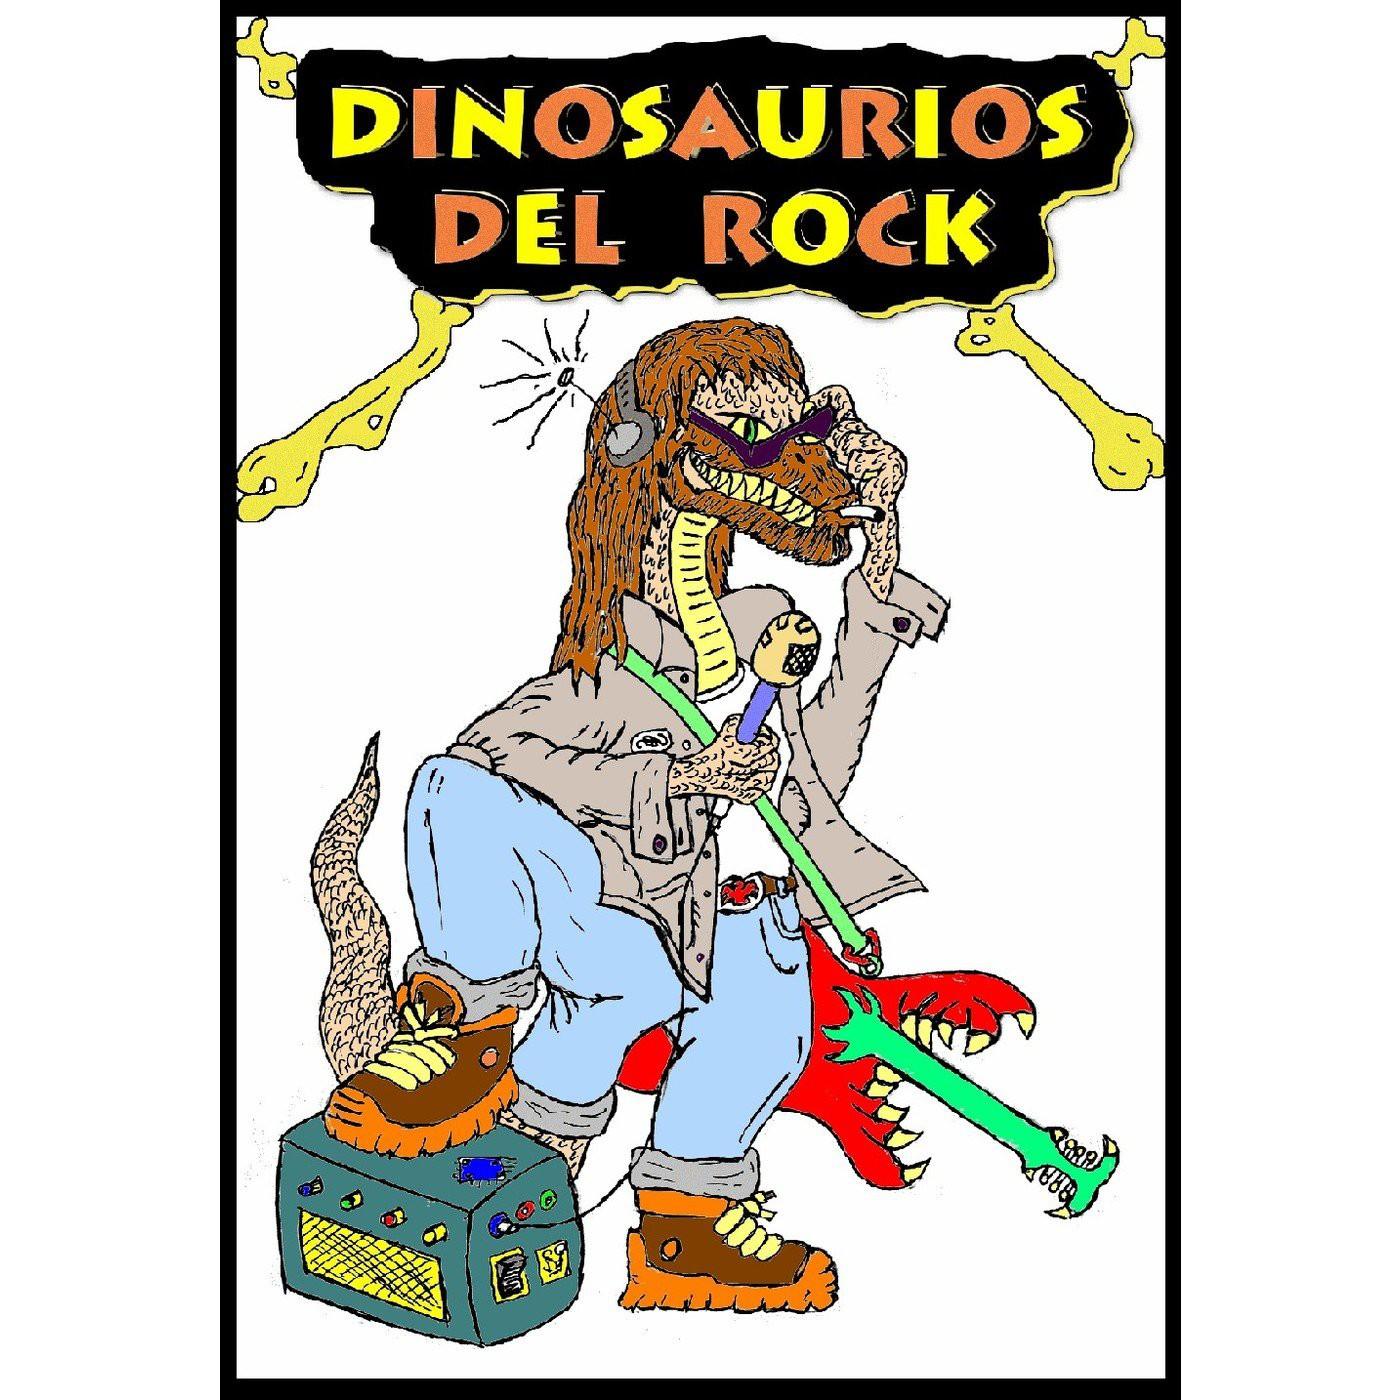 Dinosaurios del Rock - Lunes 19 Octubre 2020